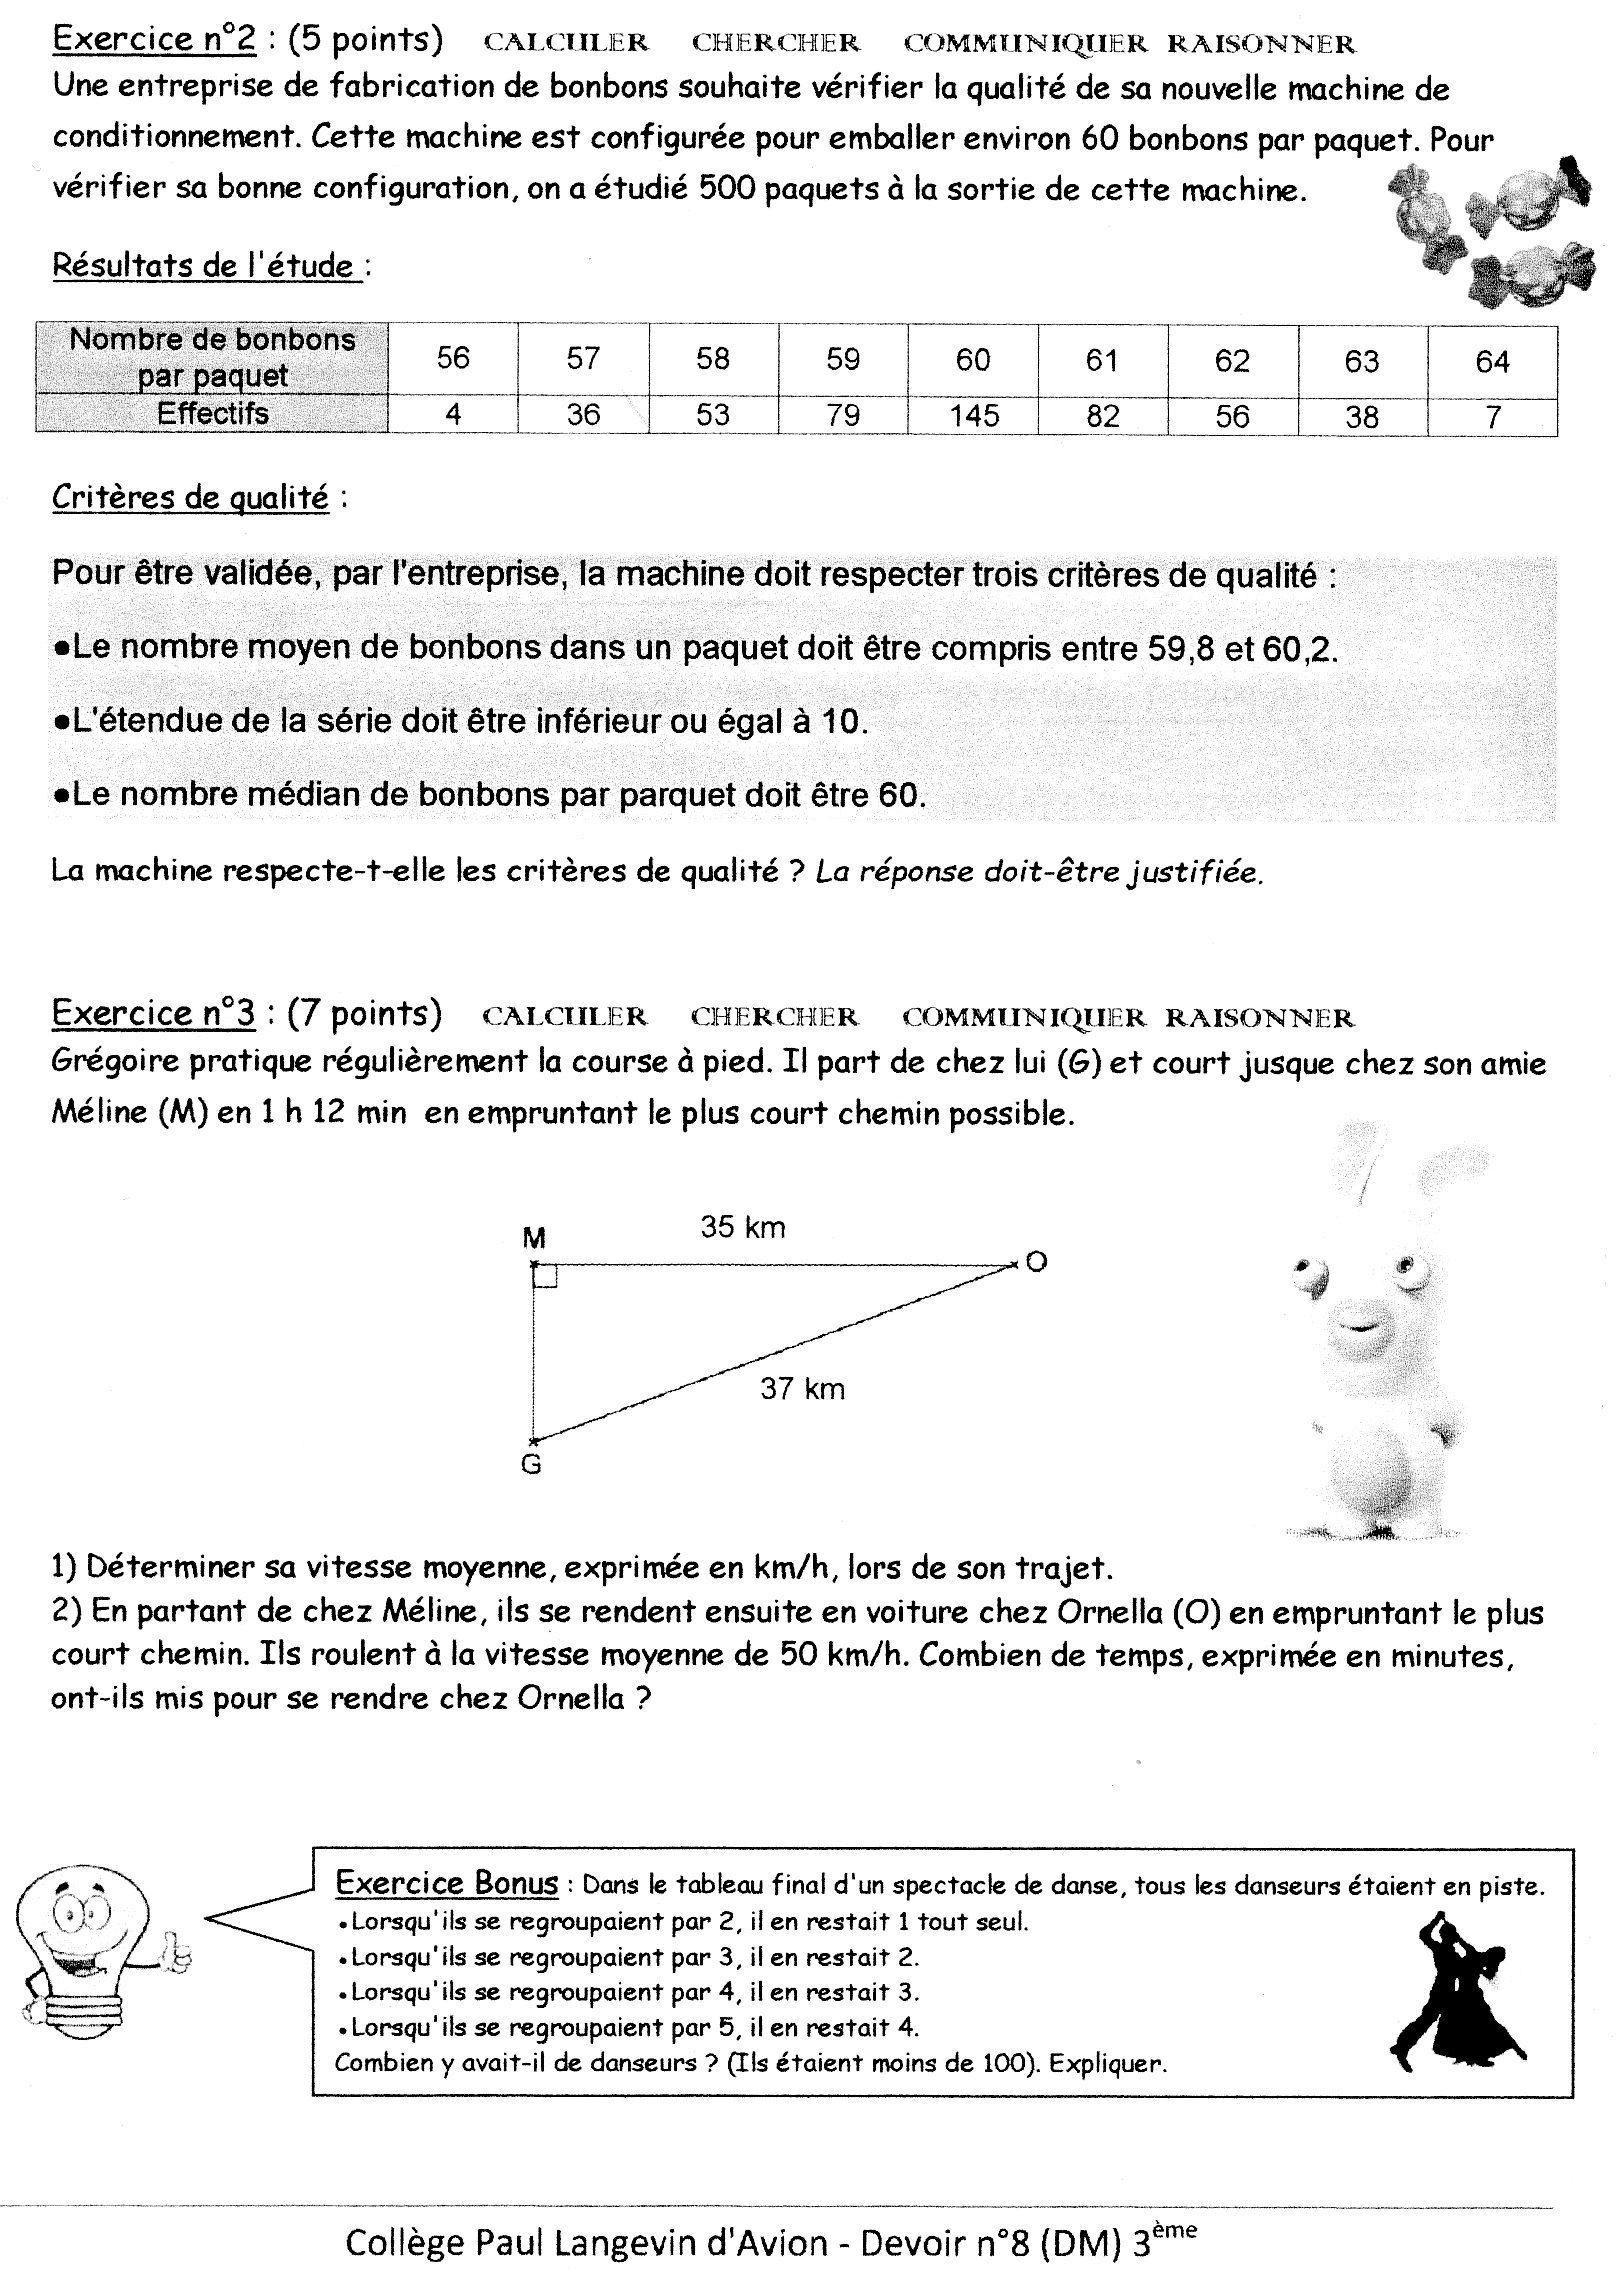 Exercice n°1 du dm de maths n°12 Vitesse, temps,... 3ème Mathématiques